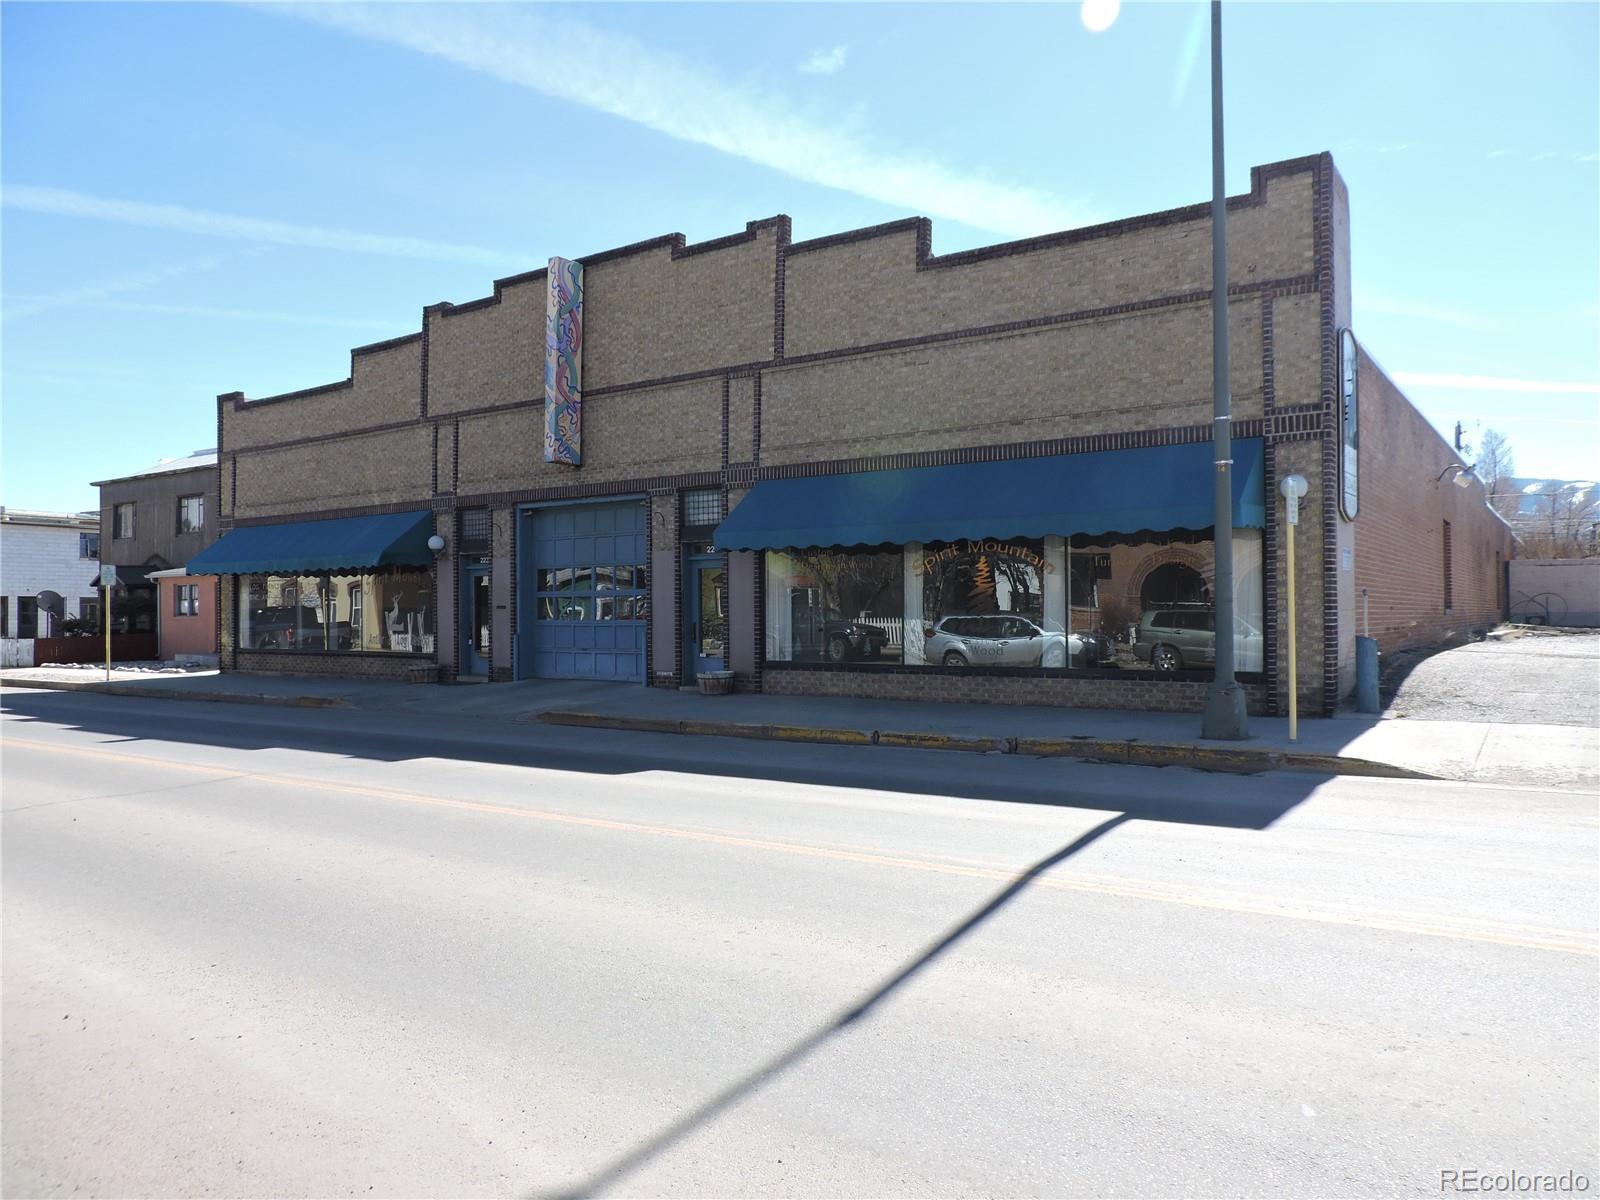 223 E 1st Street, Salida, CO 81201 - Salida, CO real estate listing